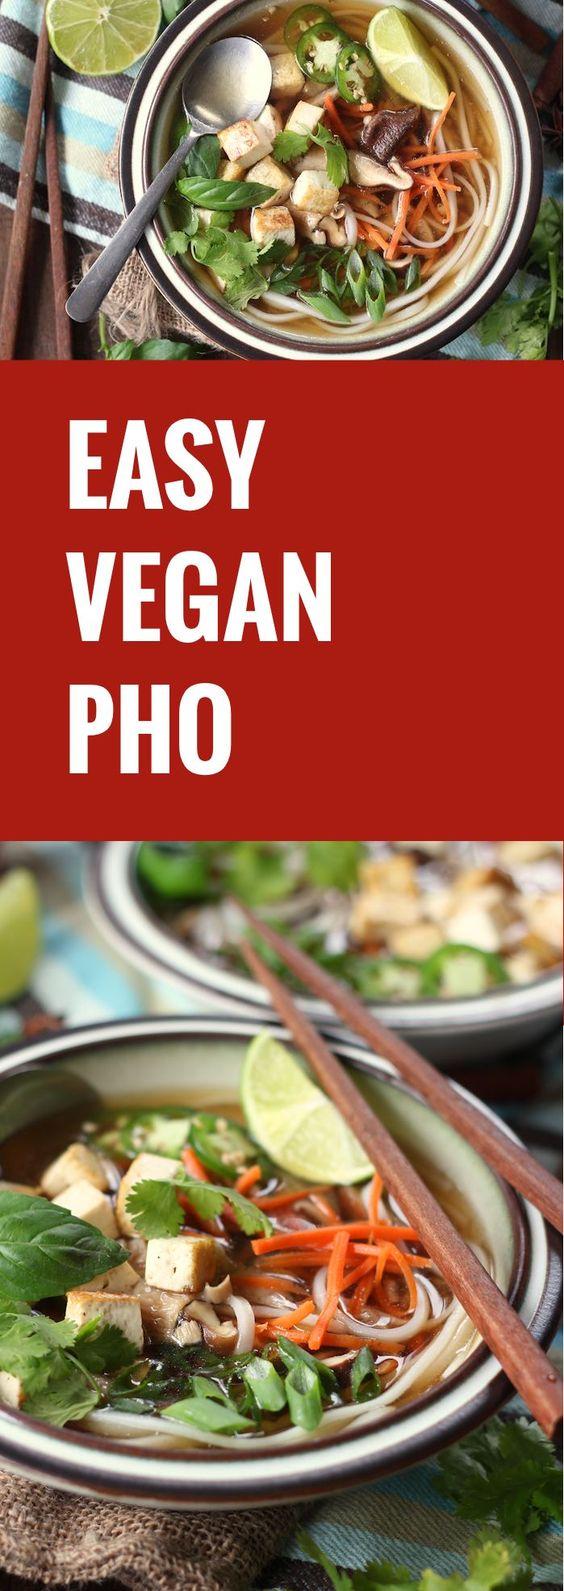 Easy Vegan Pho - Connoisseurus Veg